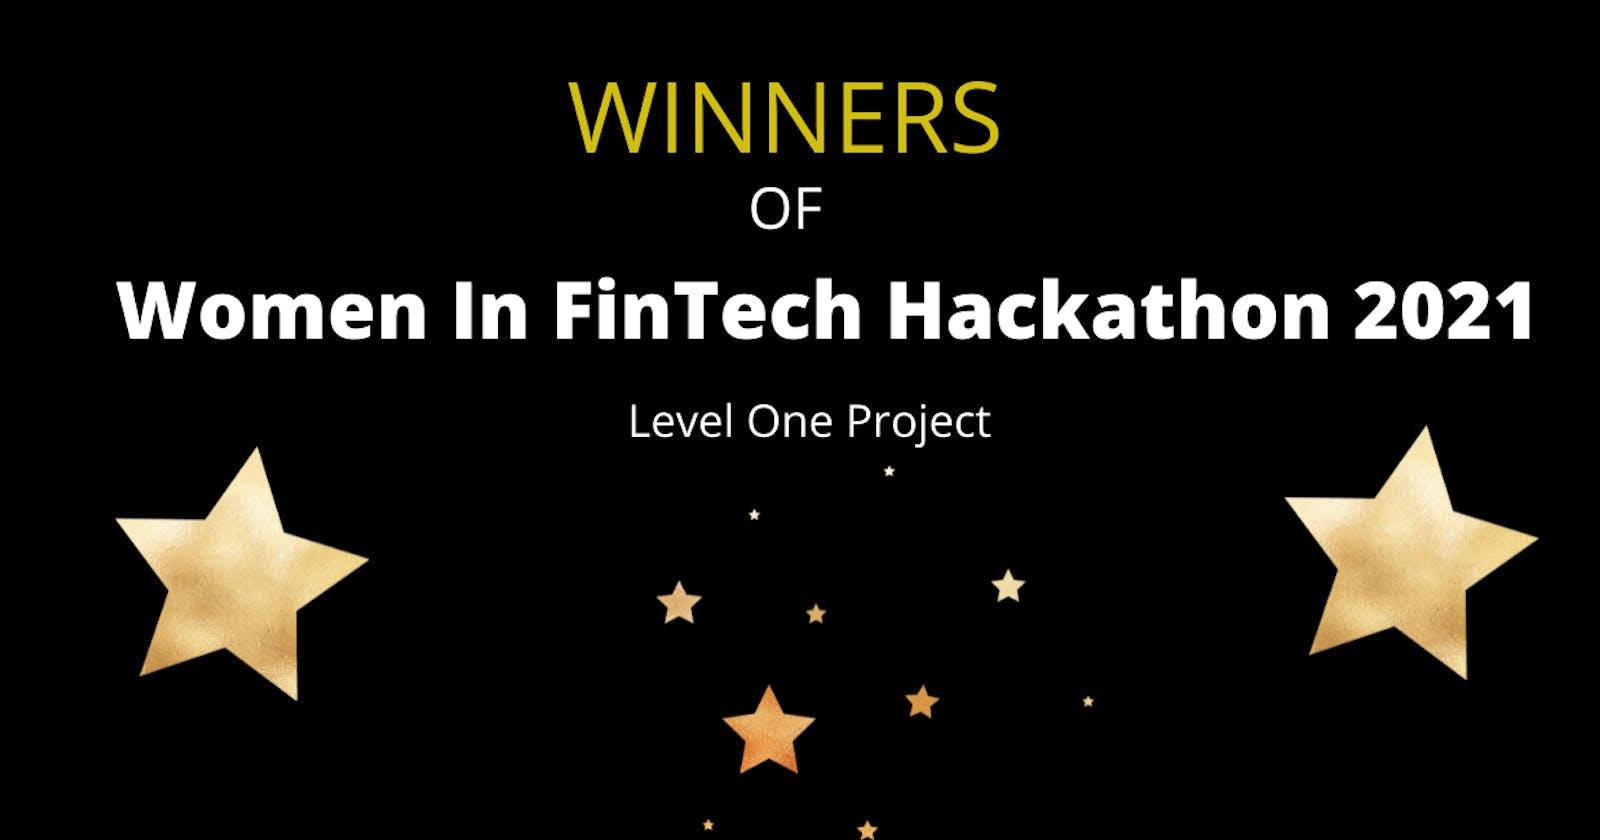 Winners of Women In FinTech Hackathon 2021